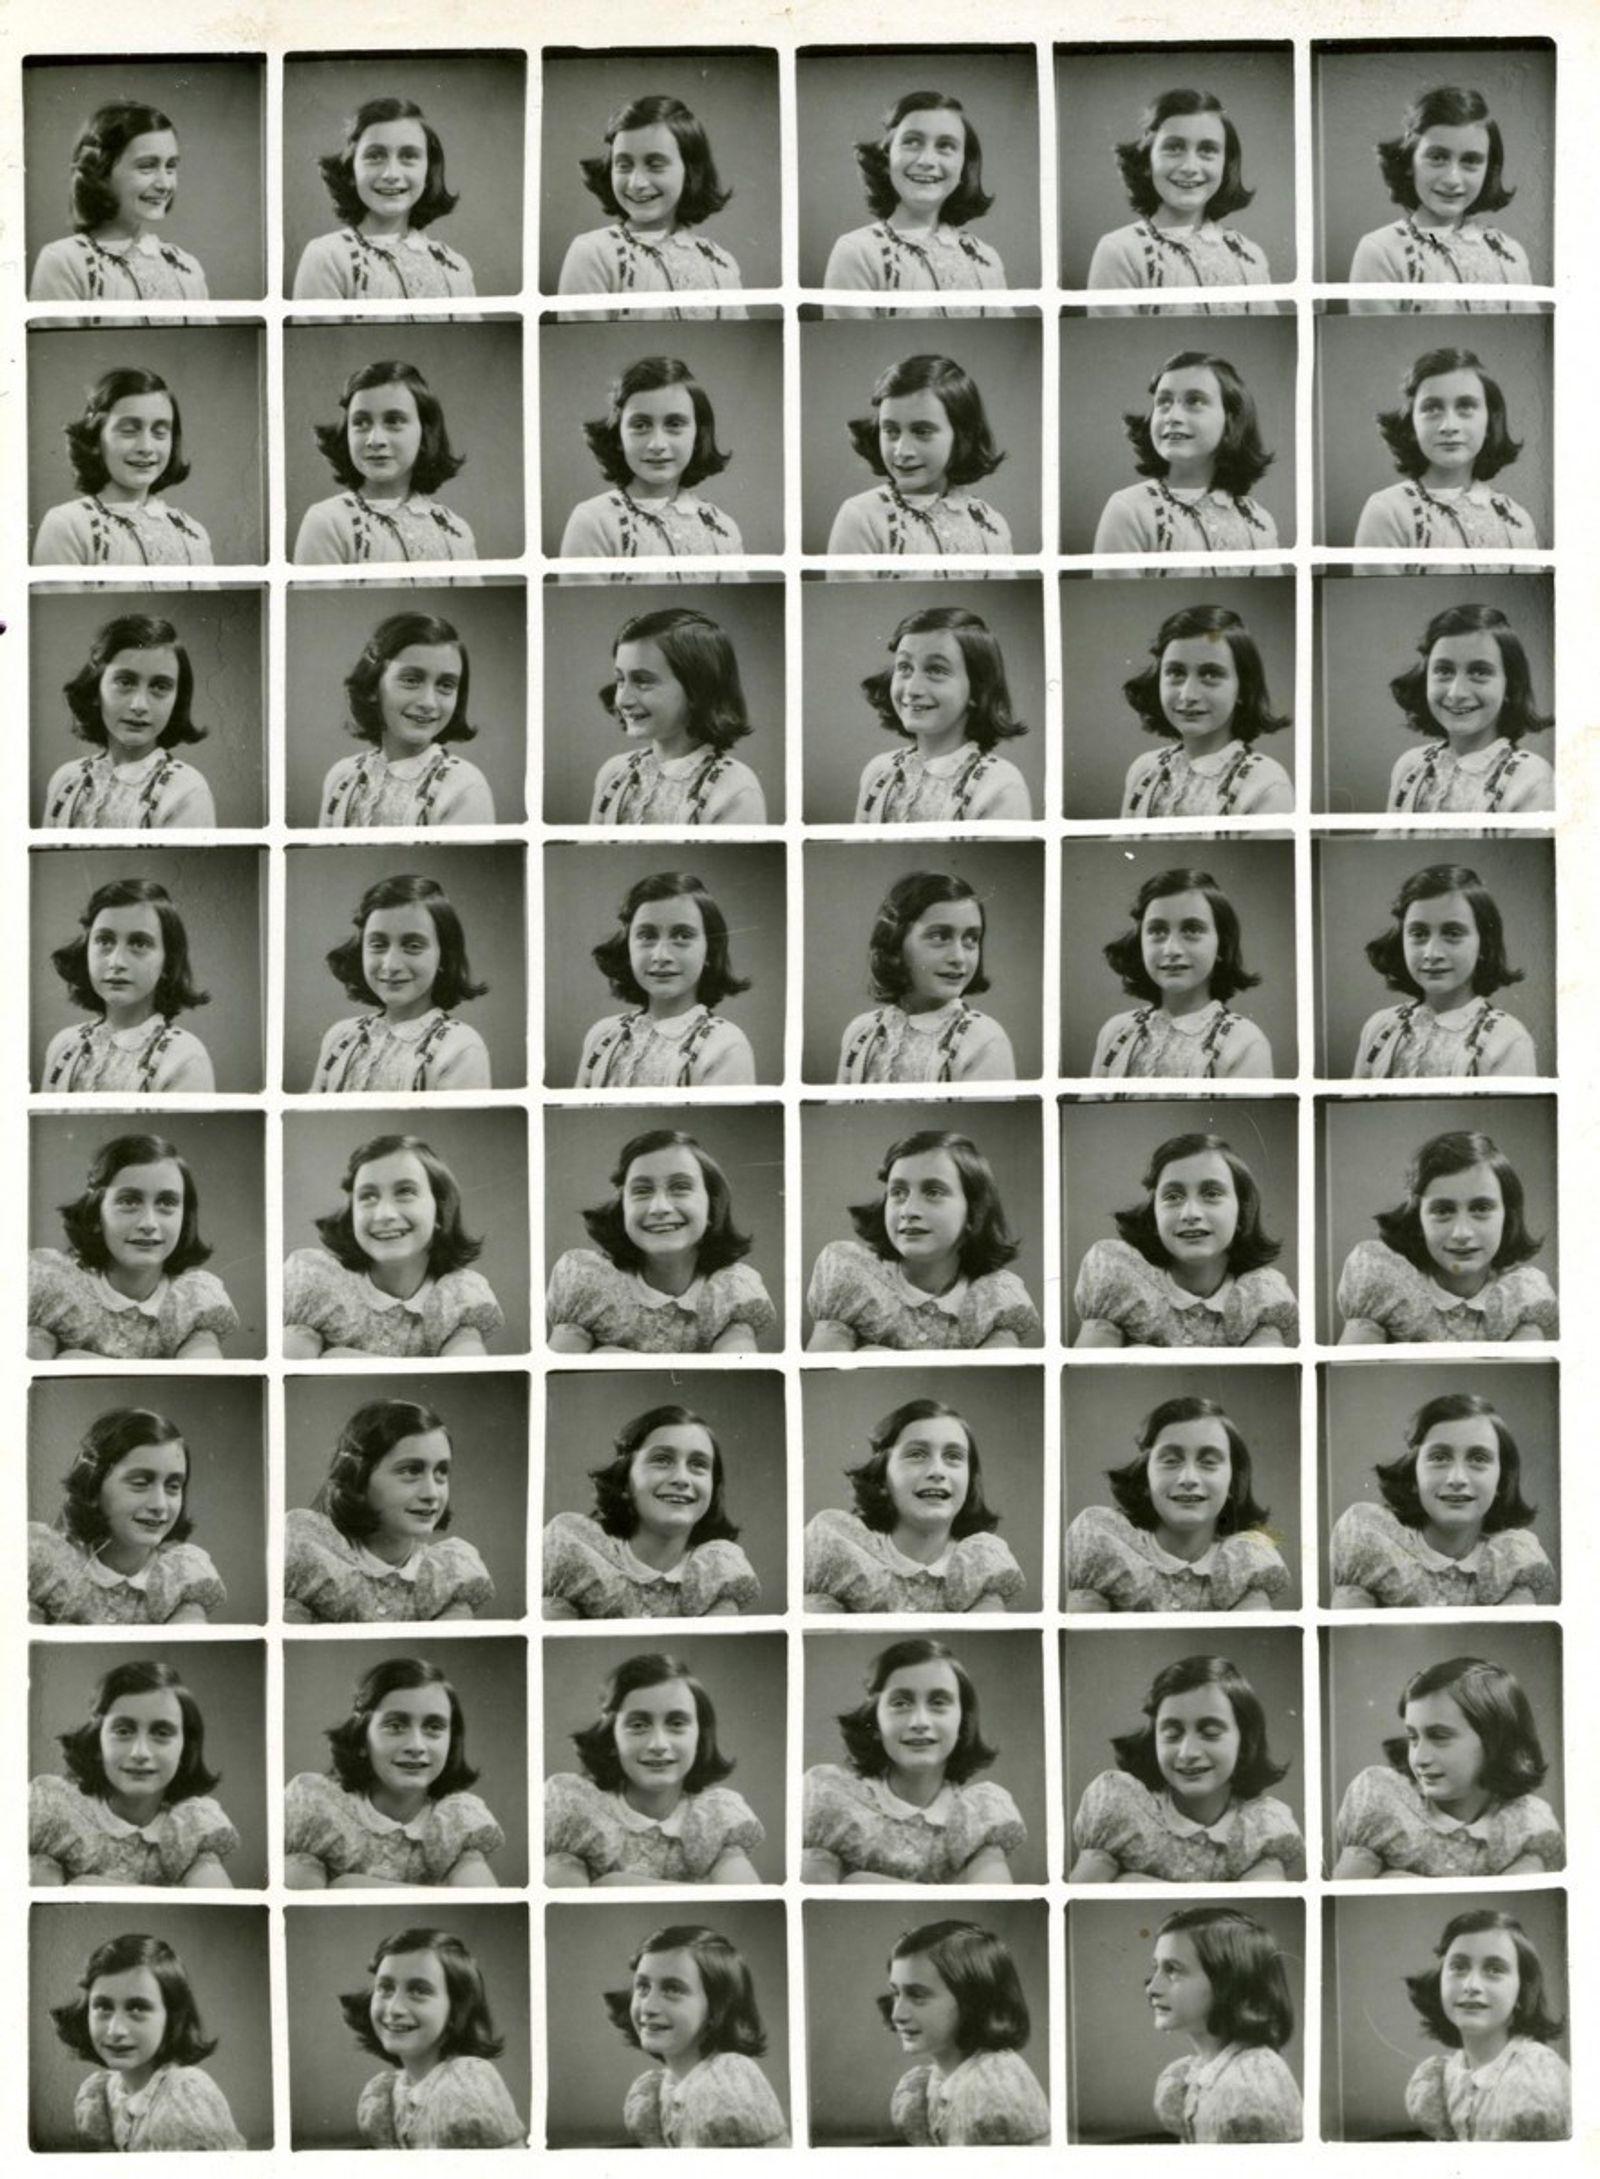 Ana Frank en las fotos para su pasaporte en 1939, antes de verse obligada a esconderse ...